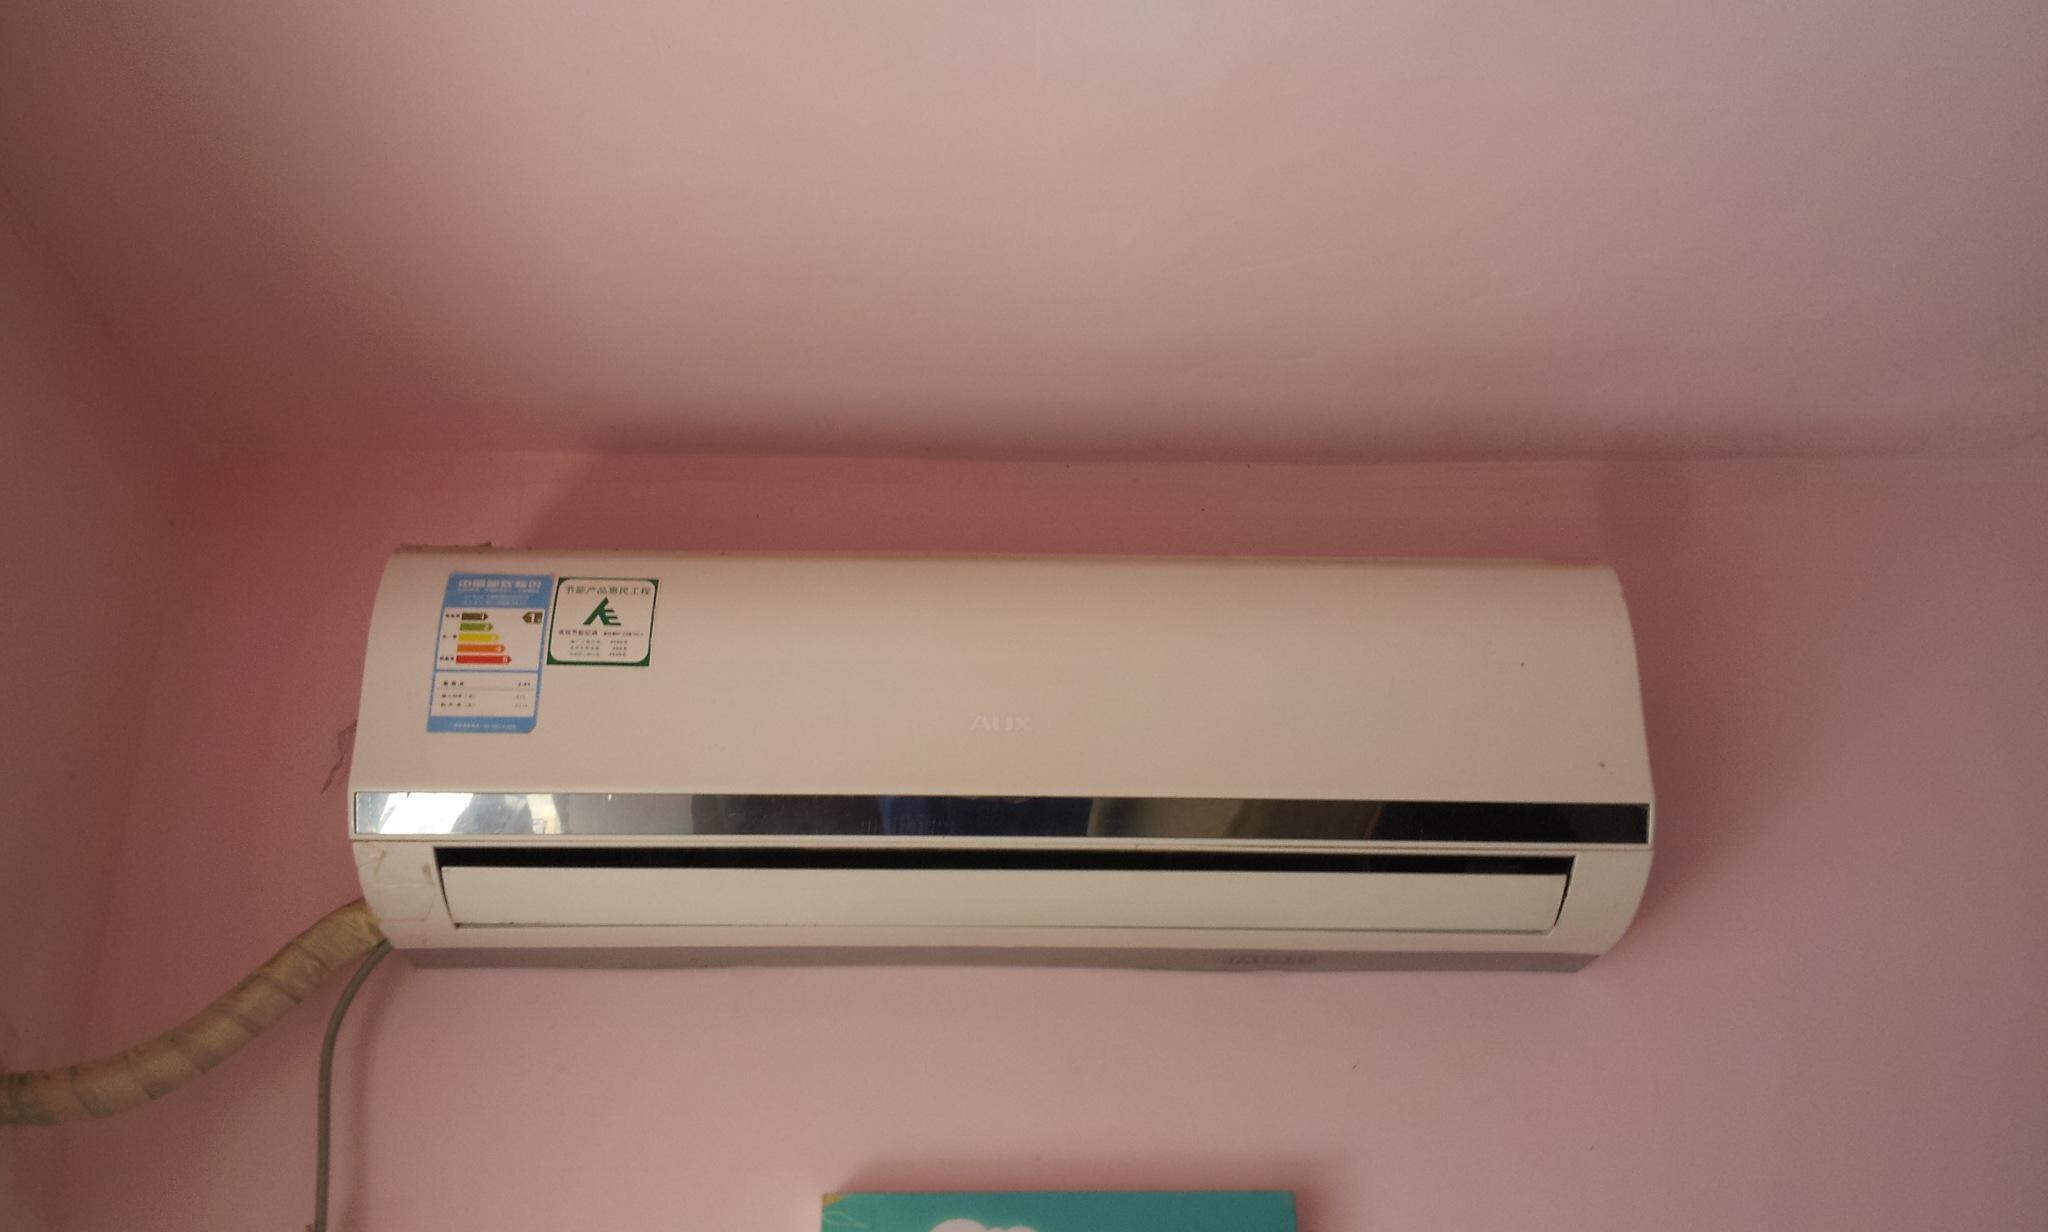 本人6月即将离深,现有冰箱/空调/洗衣机/热水器成套家电打包转掉,也可单卖,详细型号及单卖价格如下: 1.海尔冰箱BCD-133EN 500元(2010年7月买的,) 2.奥克斯空调(小1P)KF-23GW 700元(2009年5月,到现在制冷效果不错)